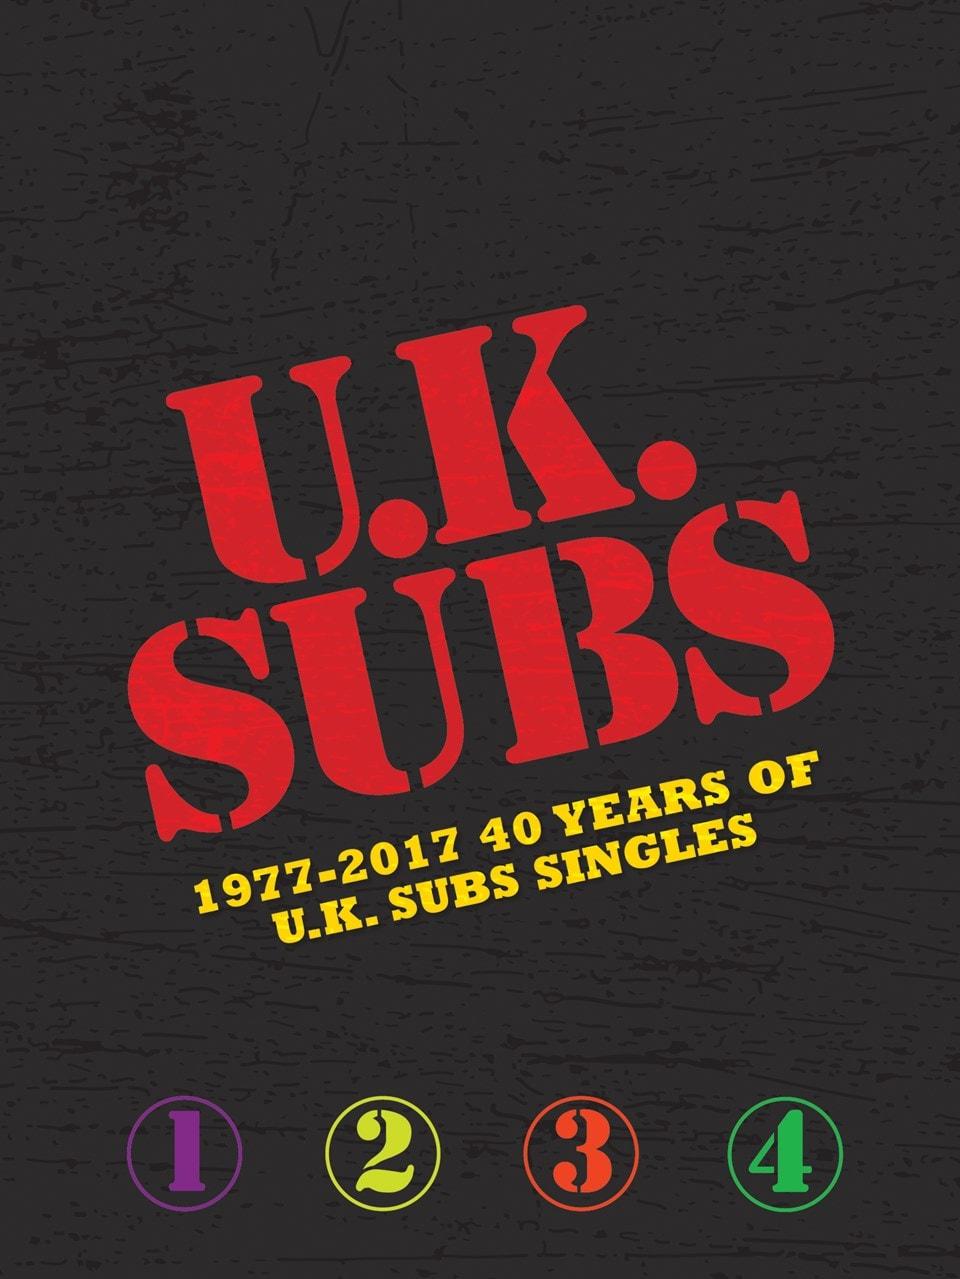 1977-2017: 40 Years of U.K. Subs Singles - 1